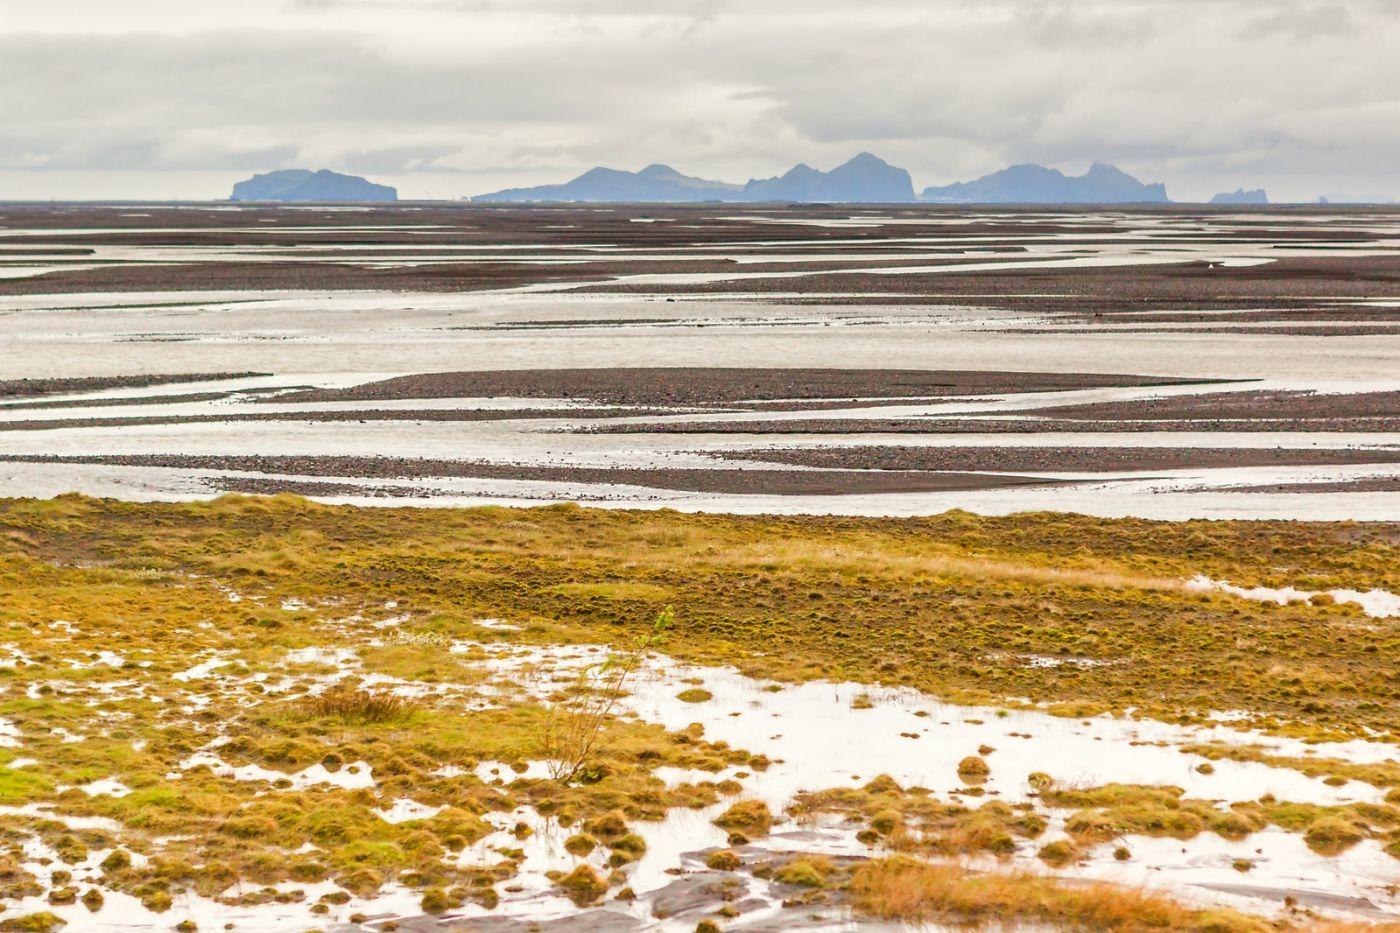 冰岛风采,奇山怪石_图1-27